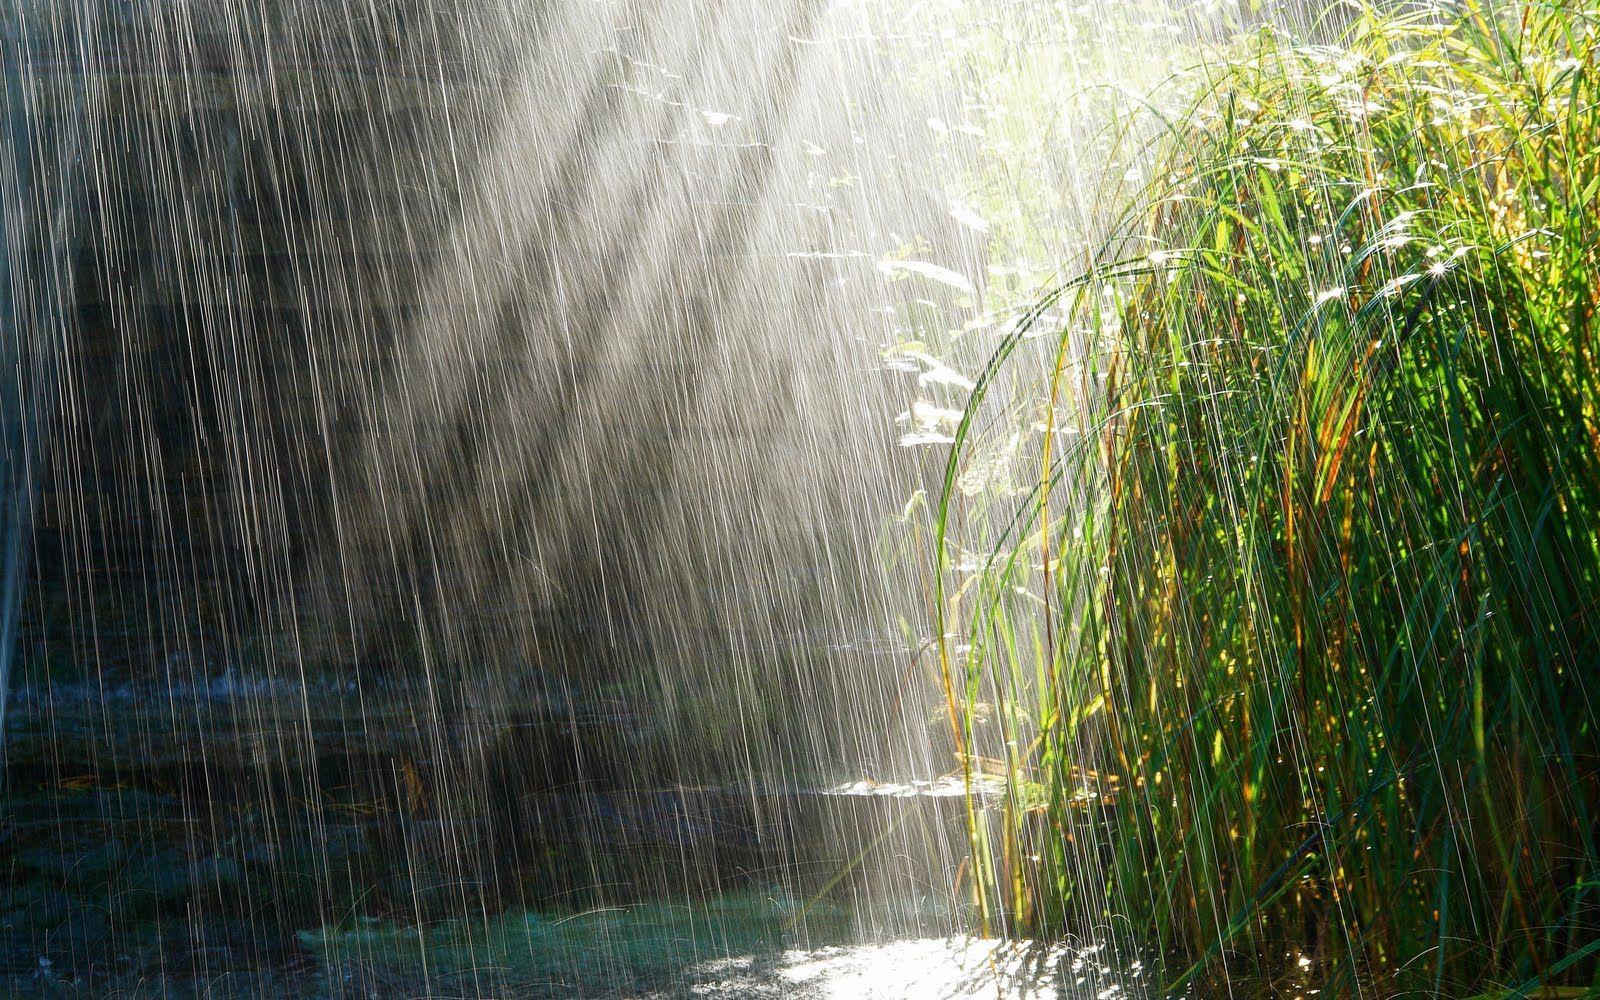 Rain Falling | Rainy Day Beautiful Rain Falling Wallpaper